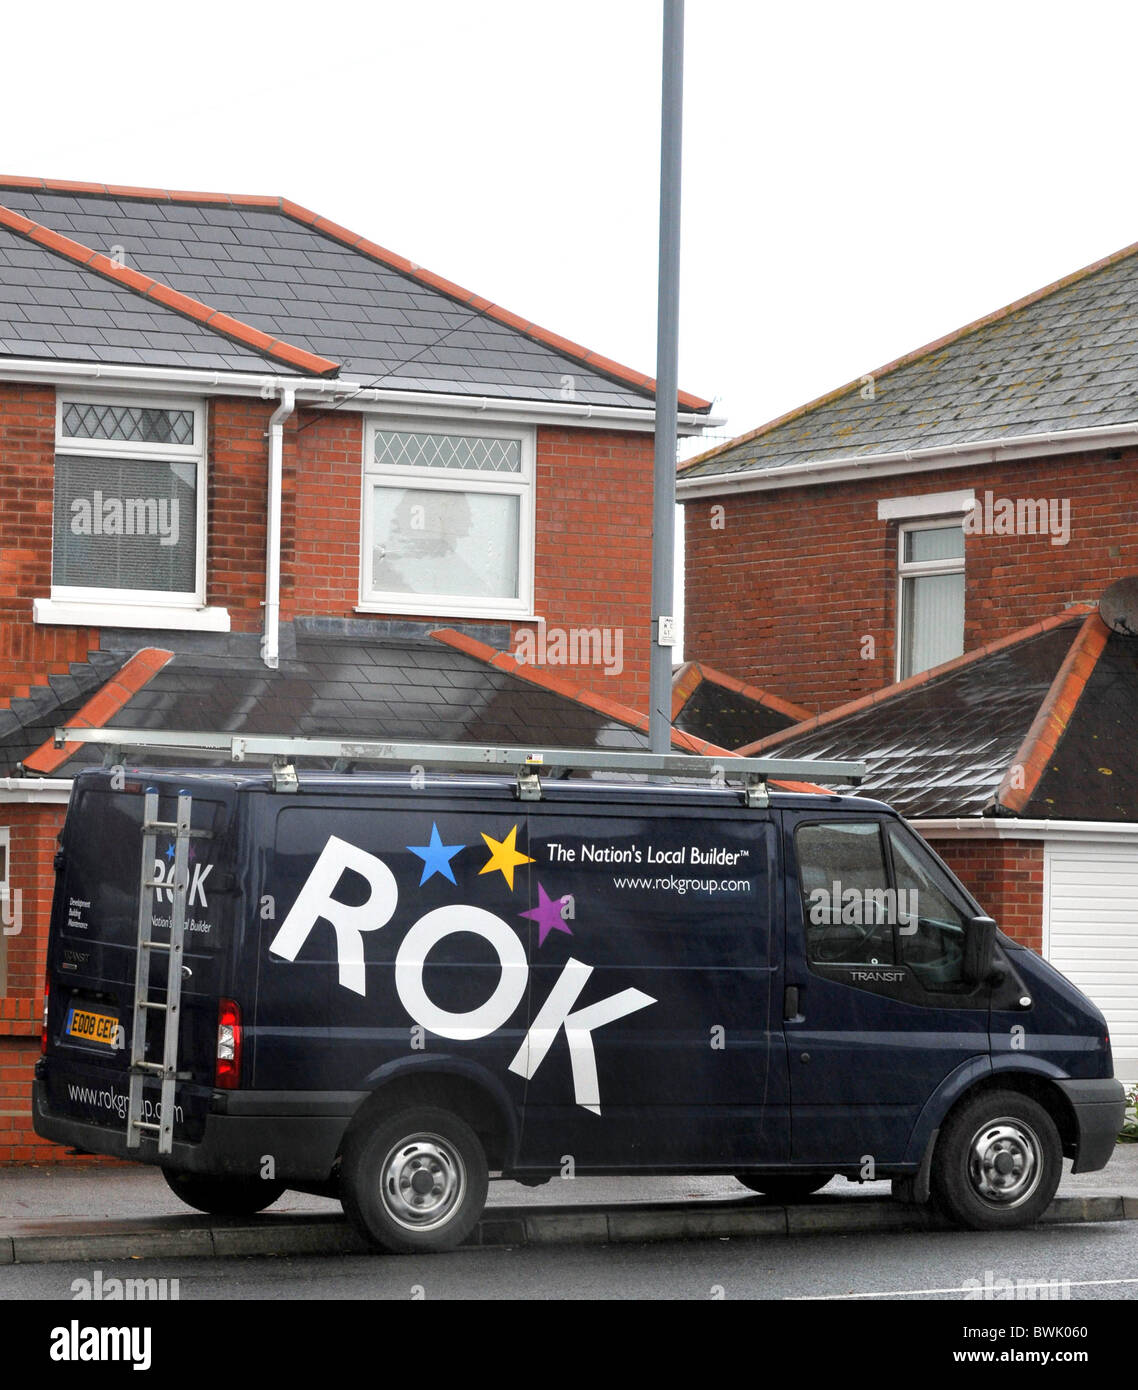 La empresa de construcción, Rokgroup ROK, REINO UNIDO Imagen De Stock